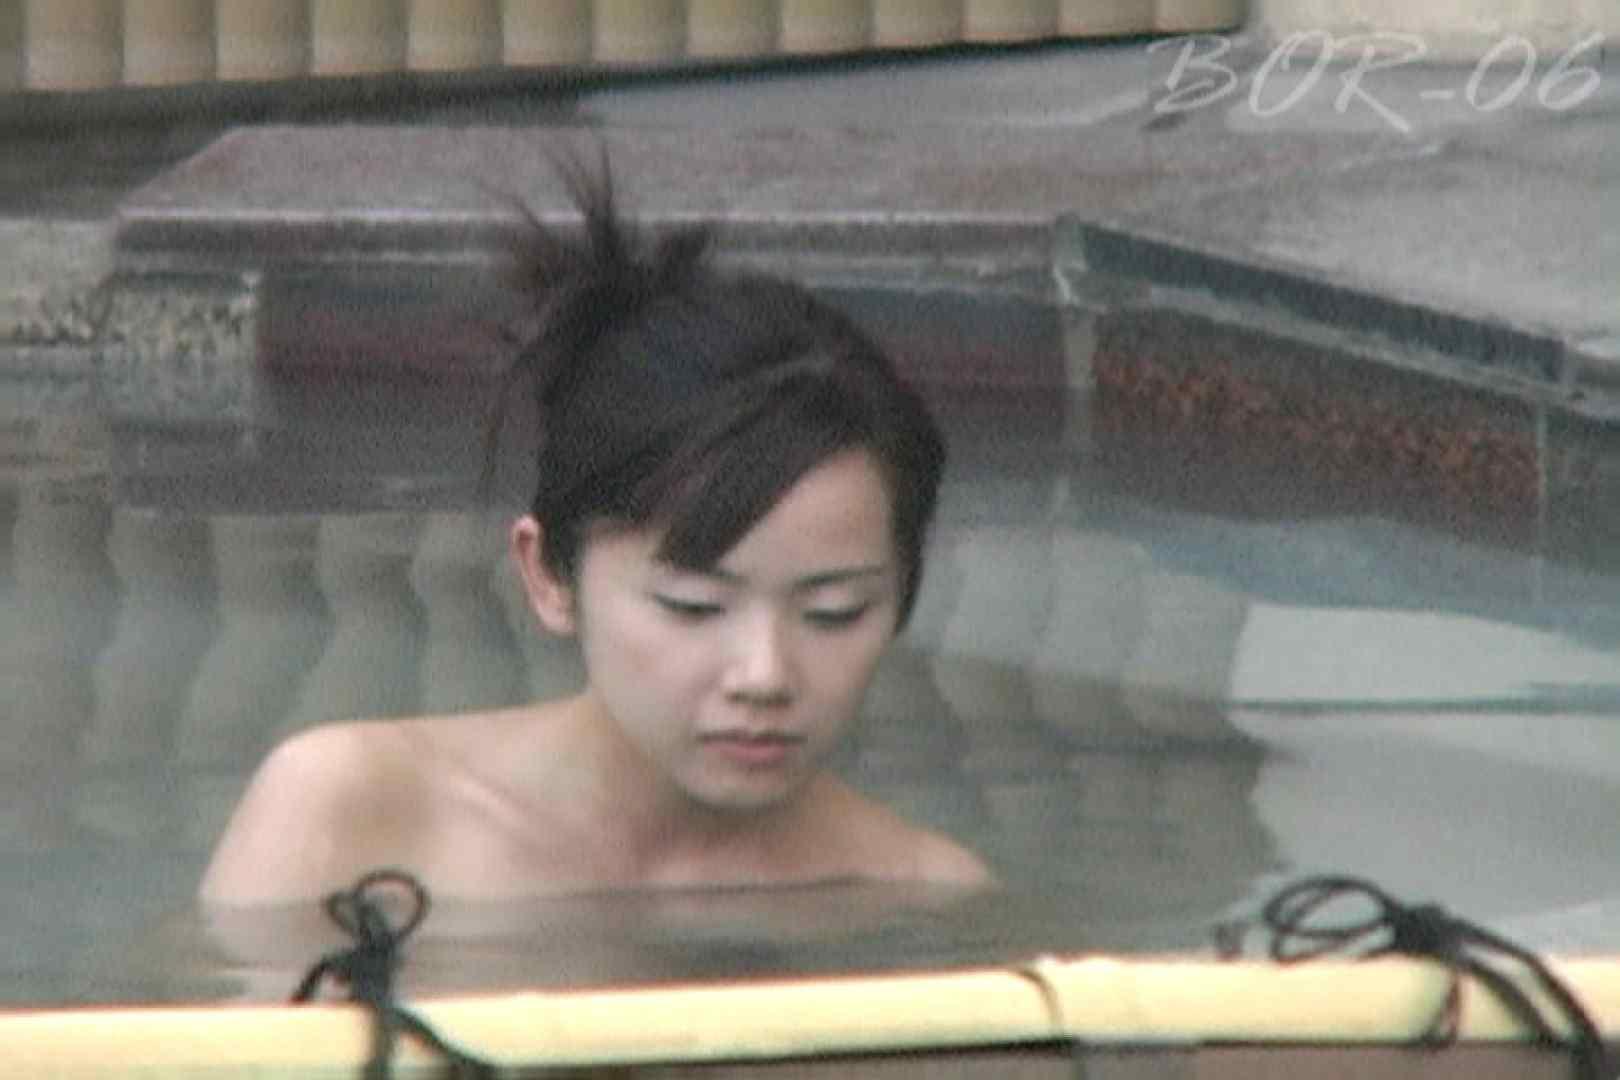 Aquaな露天風呂Vol.521 露天 | 盗撮  96pic 65